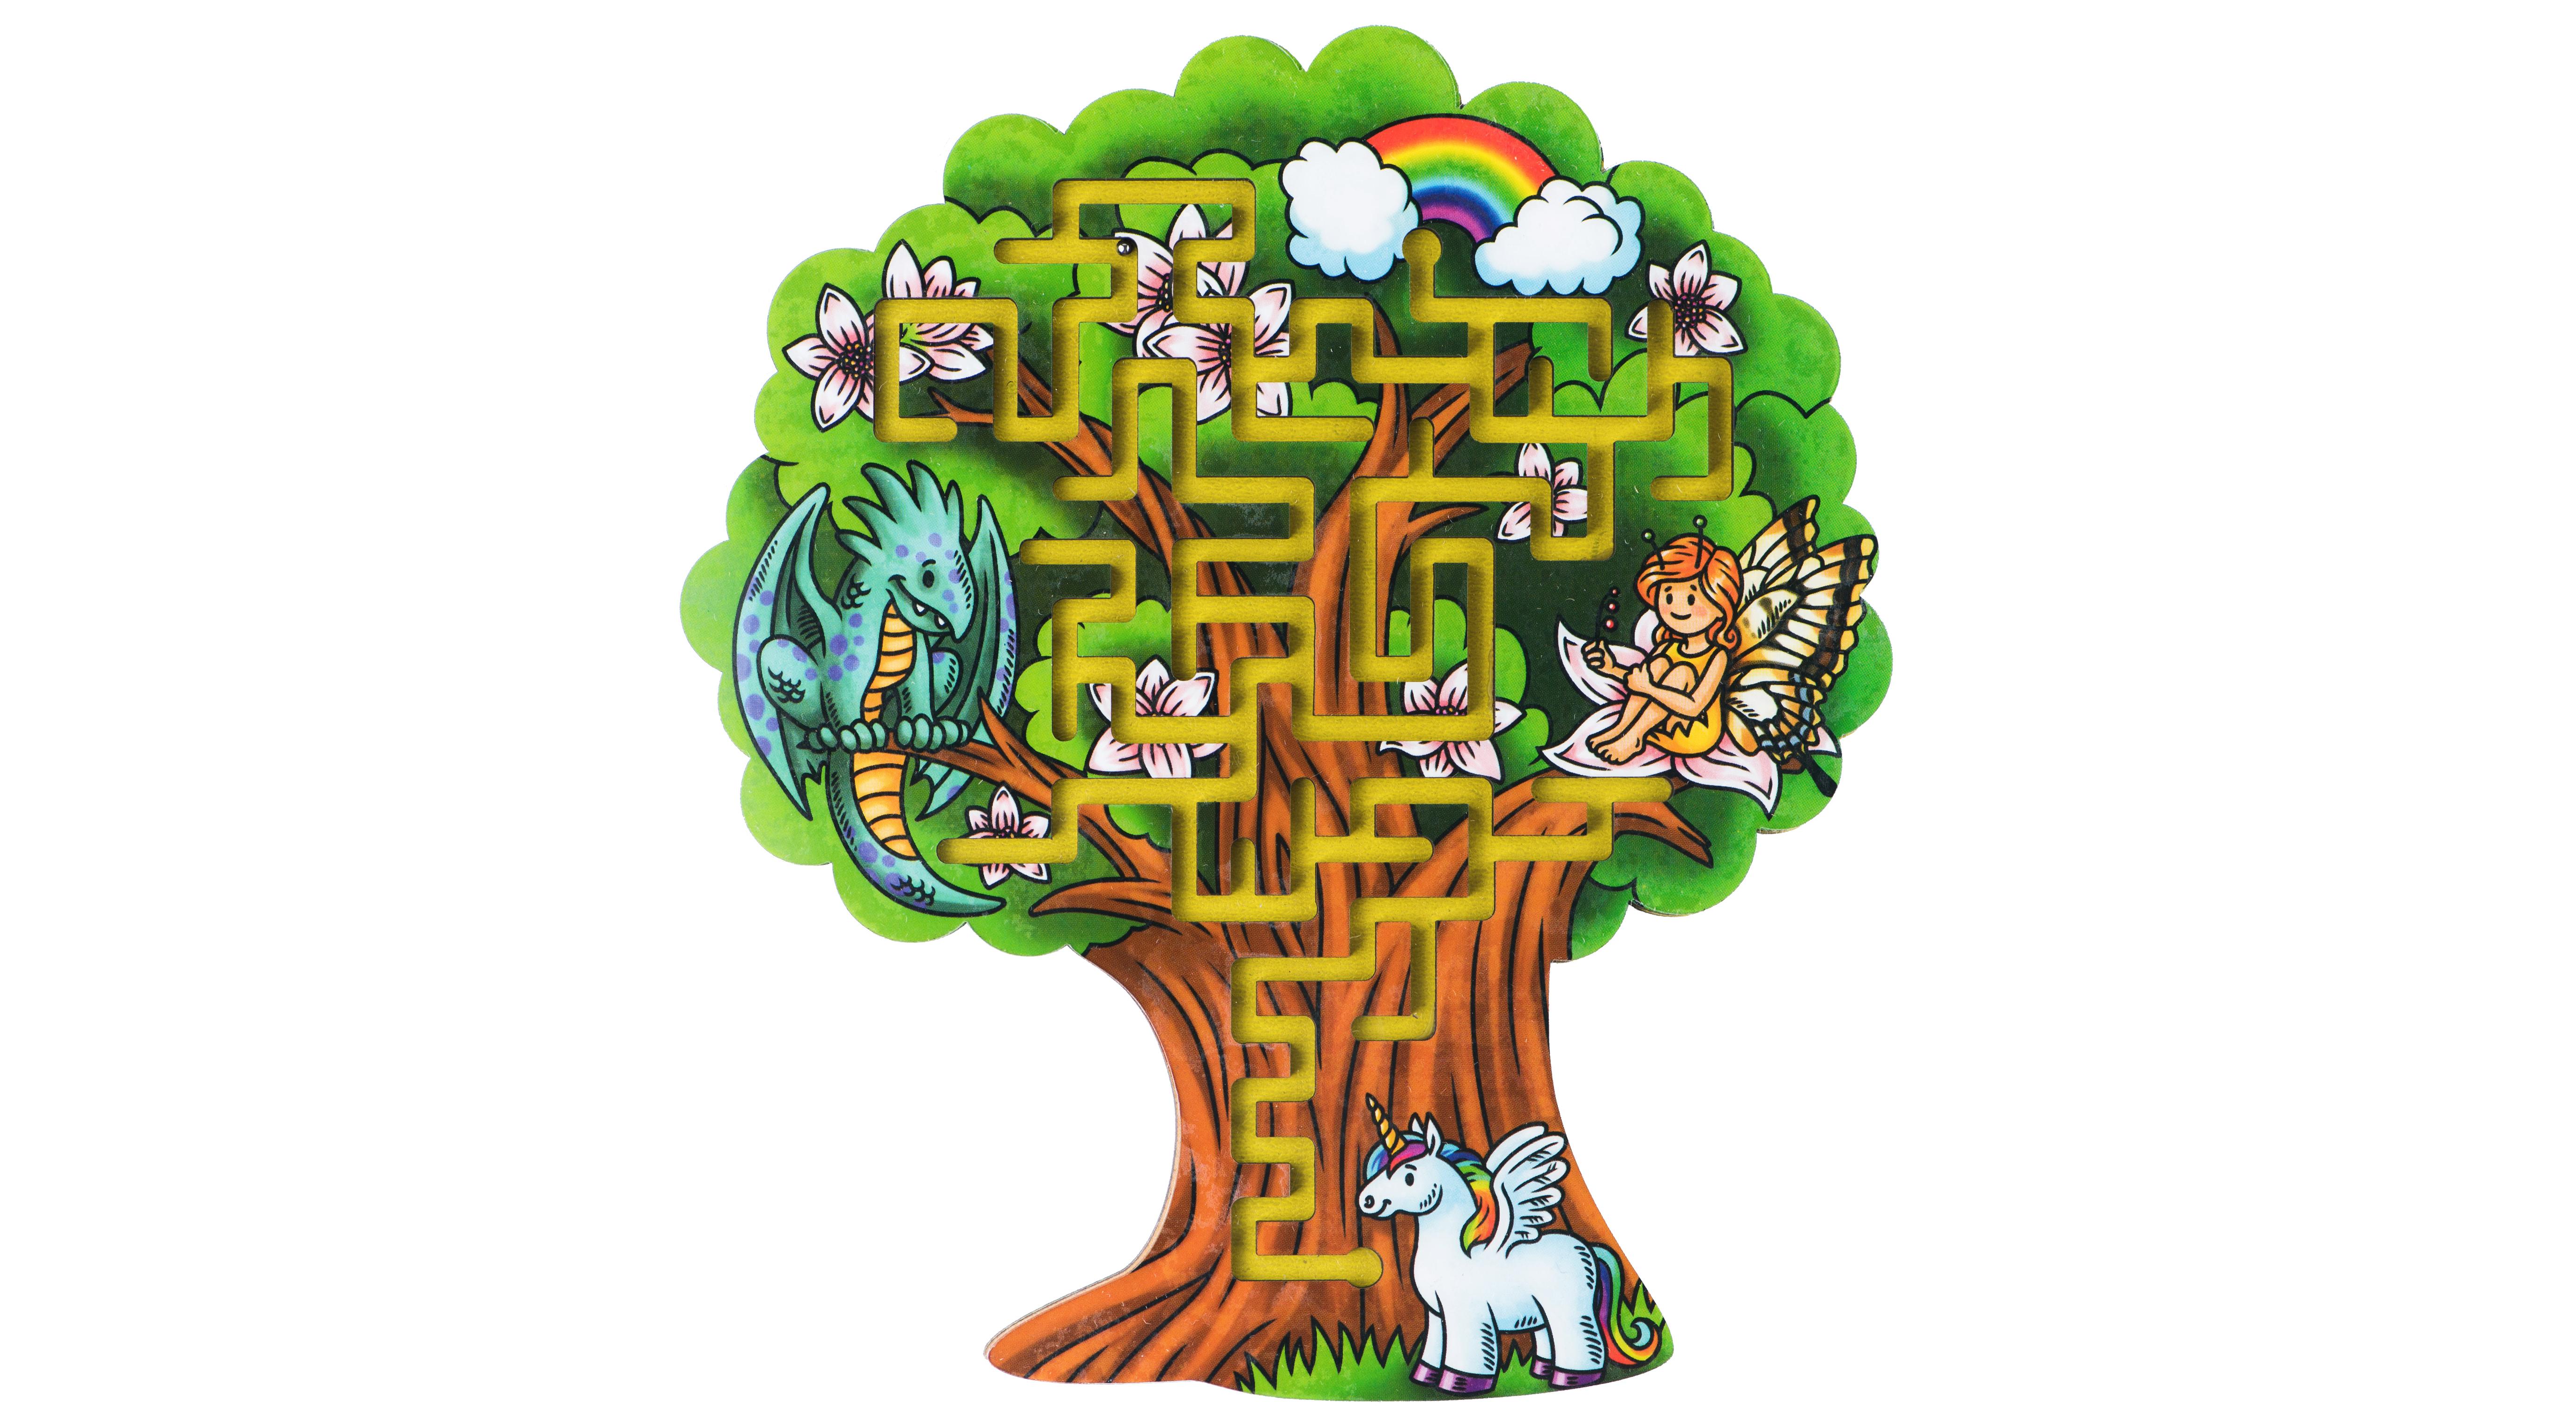 Купить Лабиринт Большой слон Дерево, Деревянные лабиринты